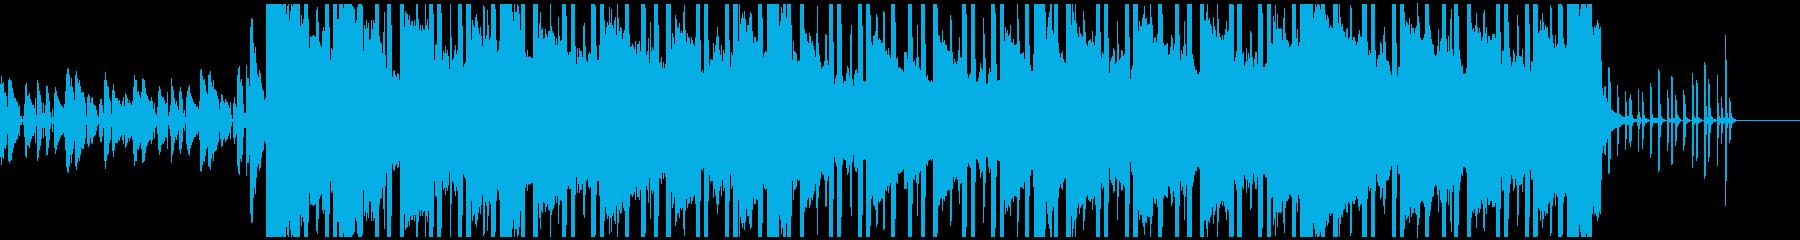 おしゃれ スタイリッシュ ヒップホップの再生済みの波形